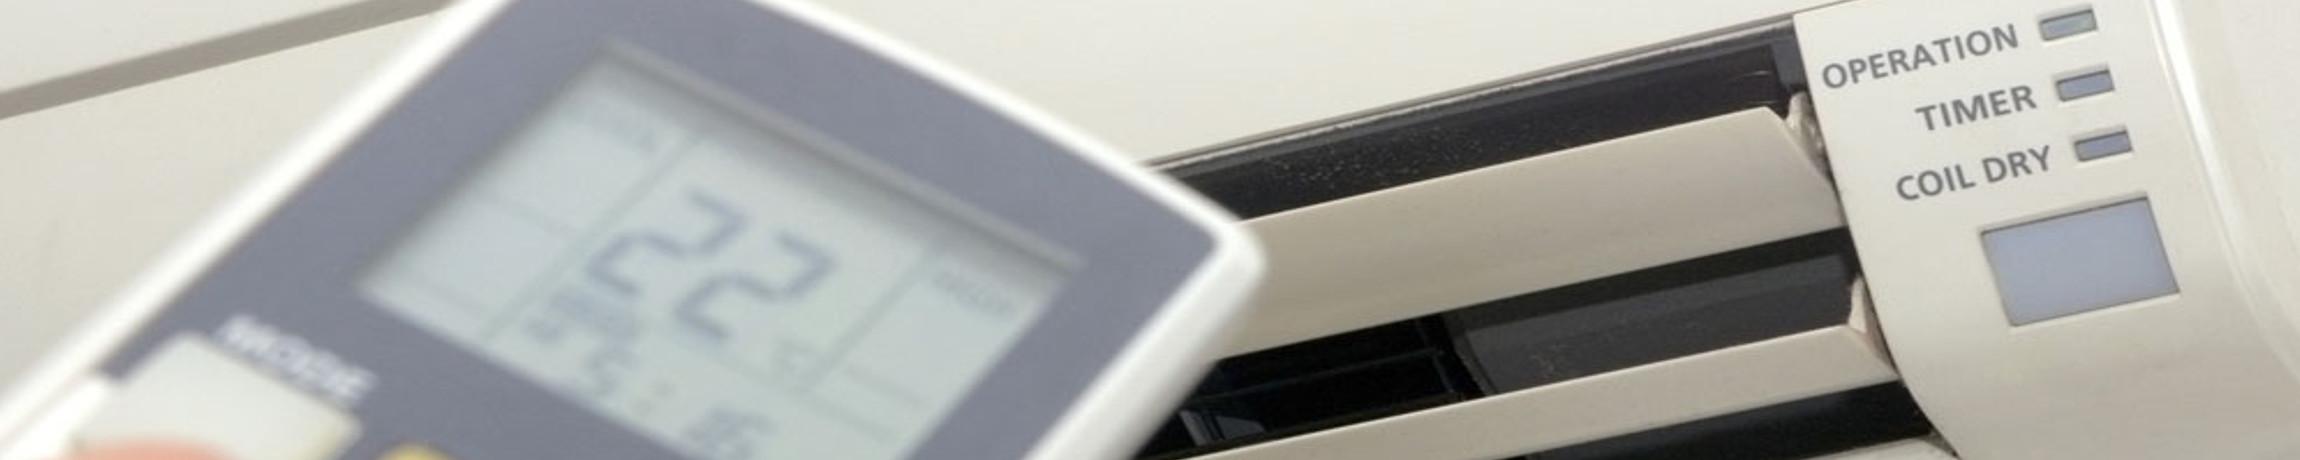 servizio-impianti-condizionamento-climatizzazione-sassari-sardegna